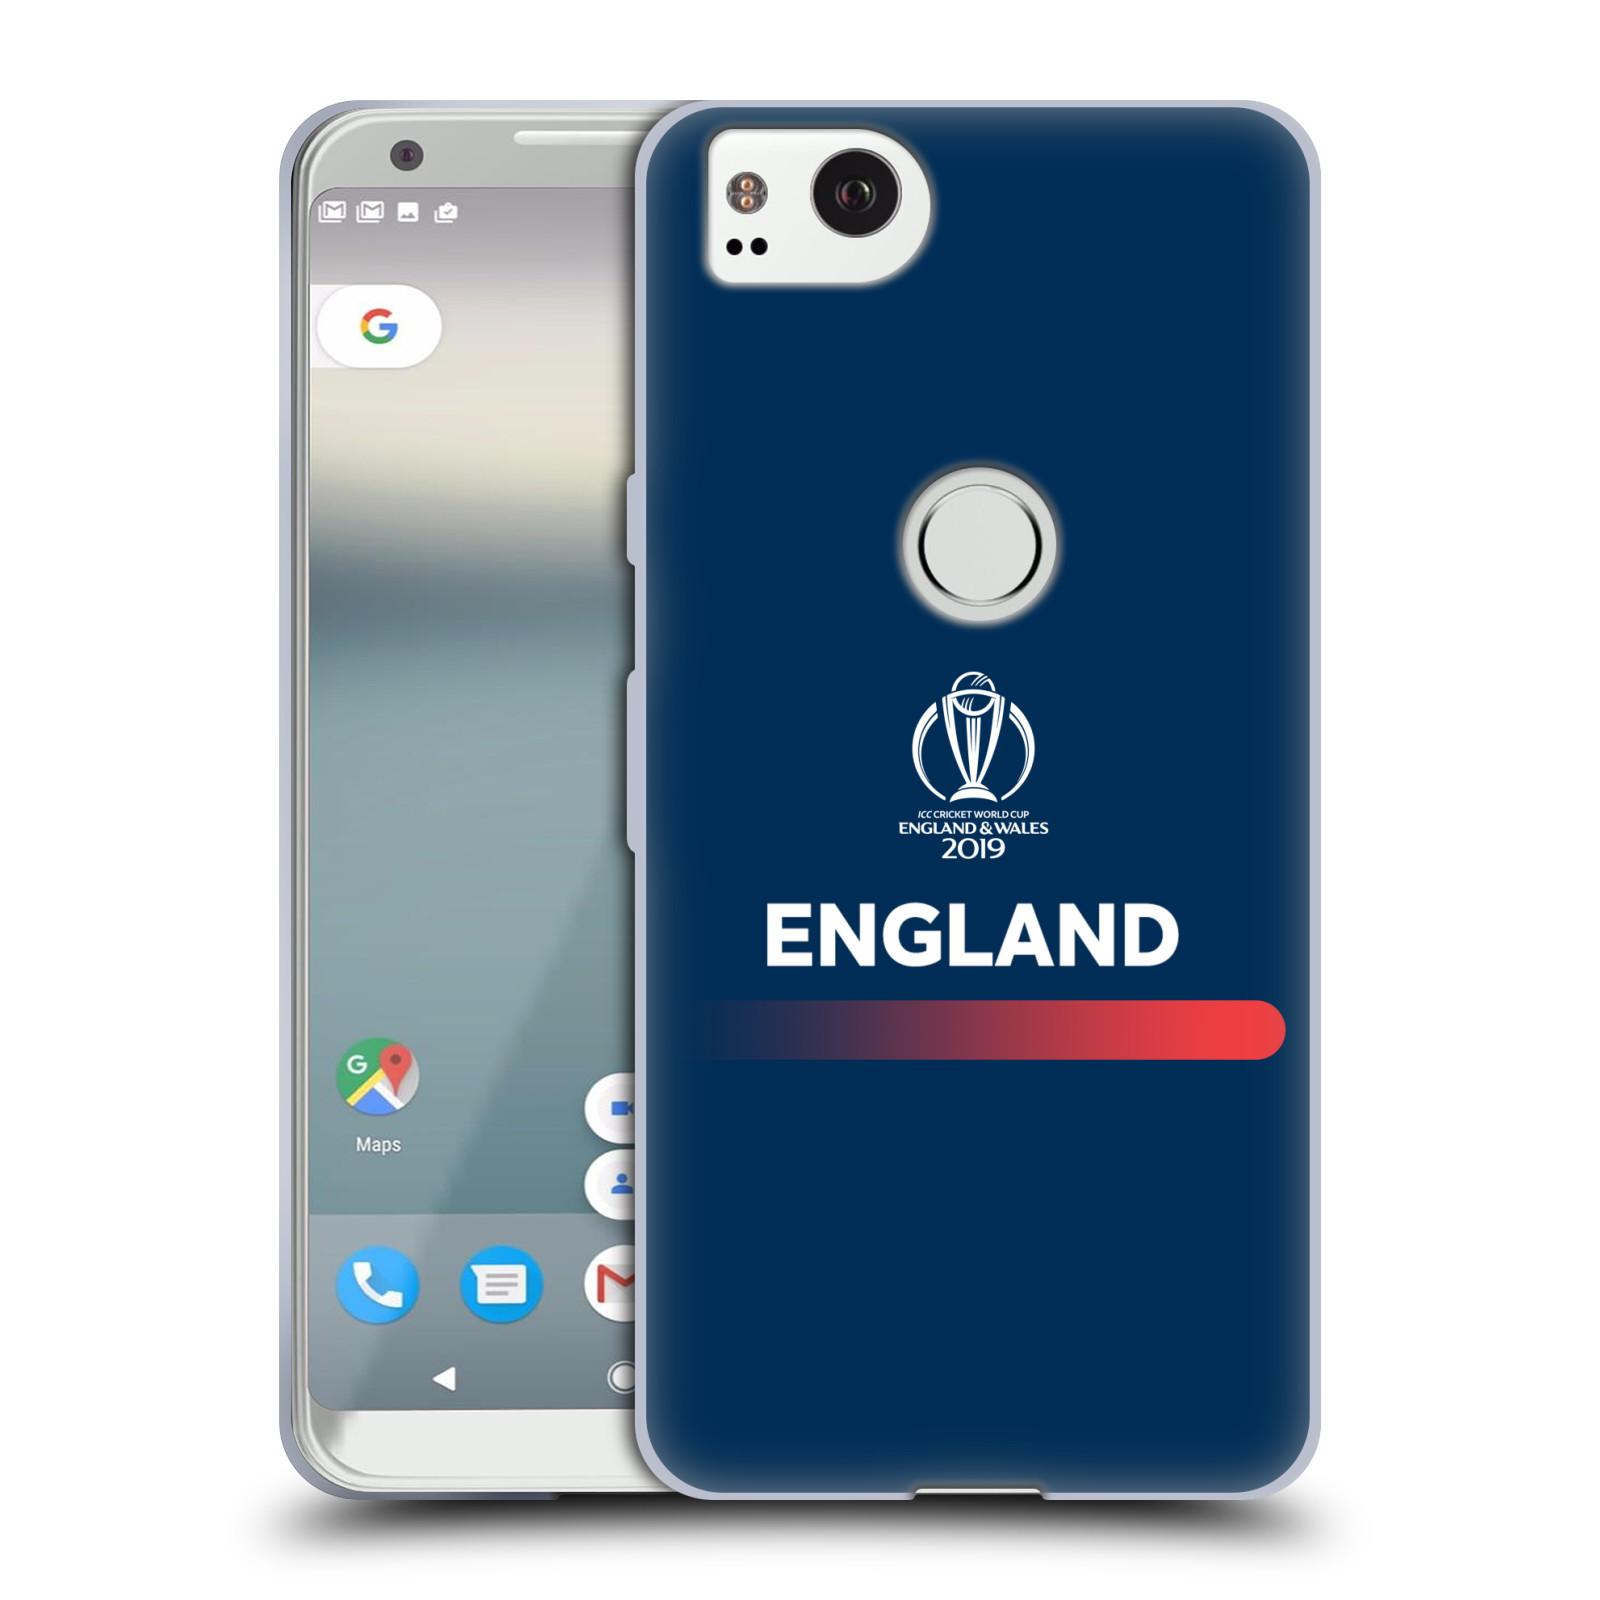 Oficial-ICC-Inglaterra-Copa-Mundial-CRICKET-Gel-Suave-Estuche-Para-AMAZON-ASUS-ONEPLUS